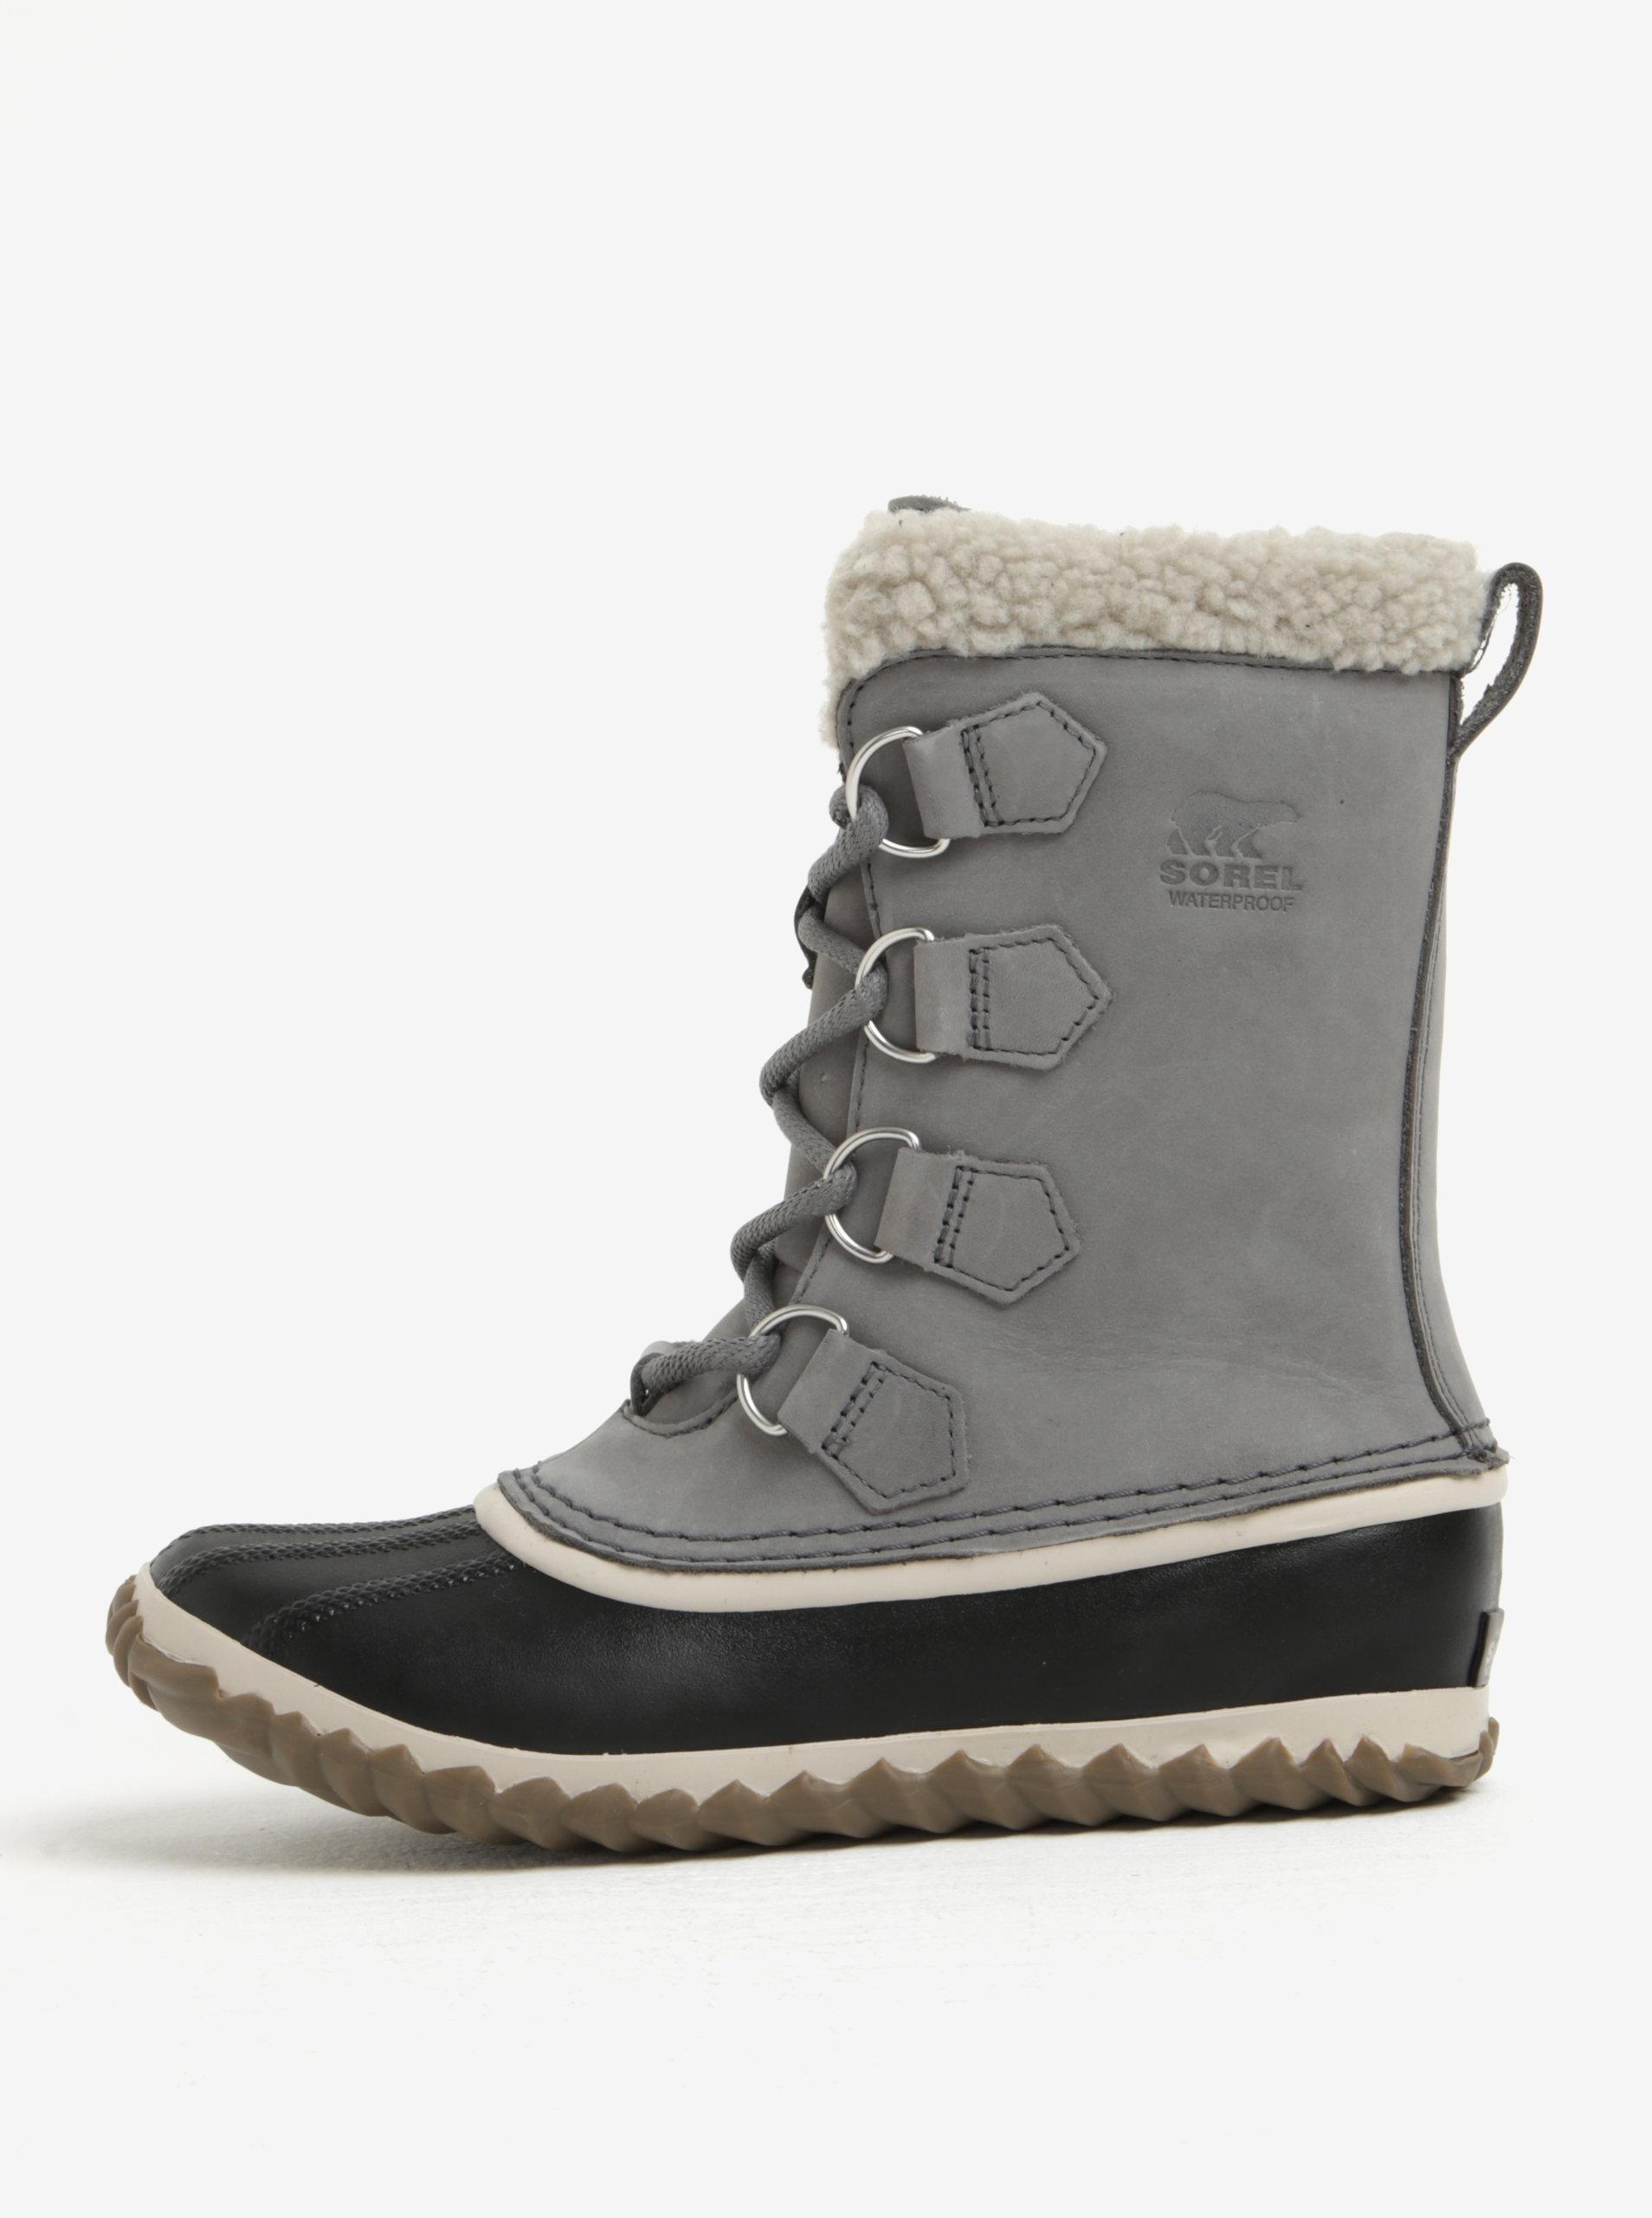 8ae0cd172195 Sivé dámske kožené vodovzdorné zimné topánky s umelým kožúškom SOREL ...